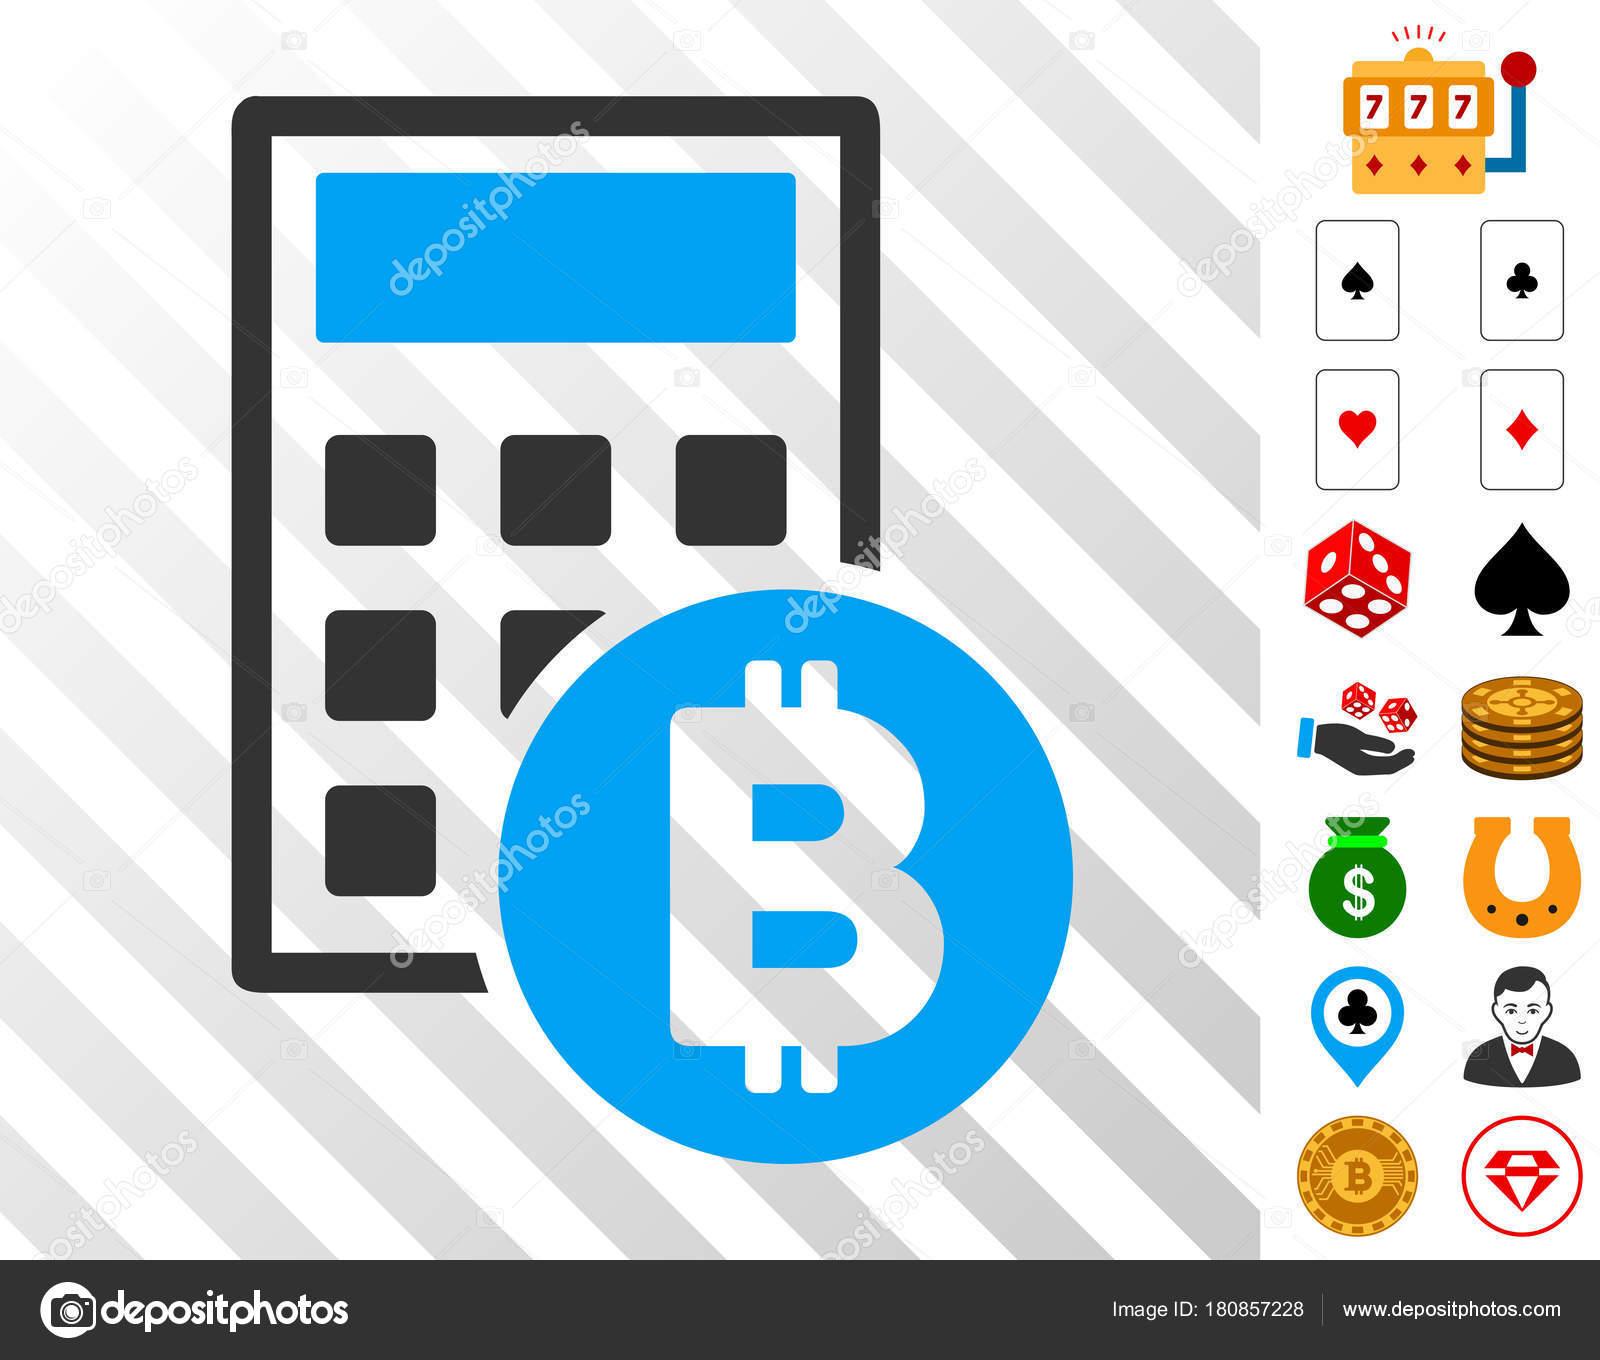 Калькулятор биткоин компьютер скачать форекс тестер бесплатно